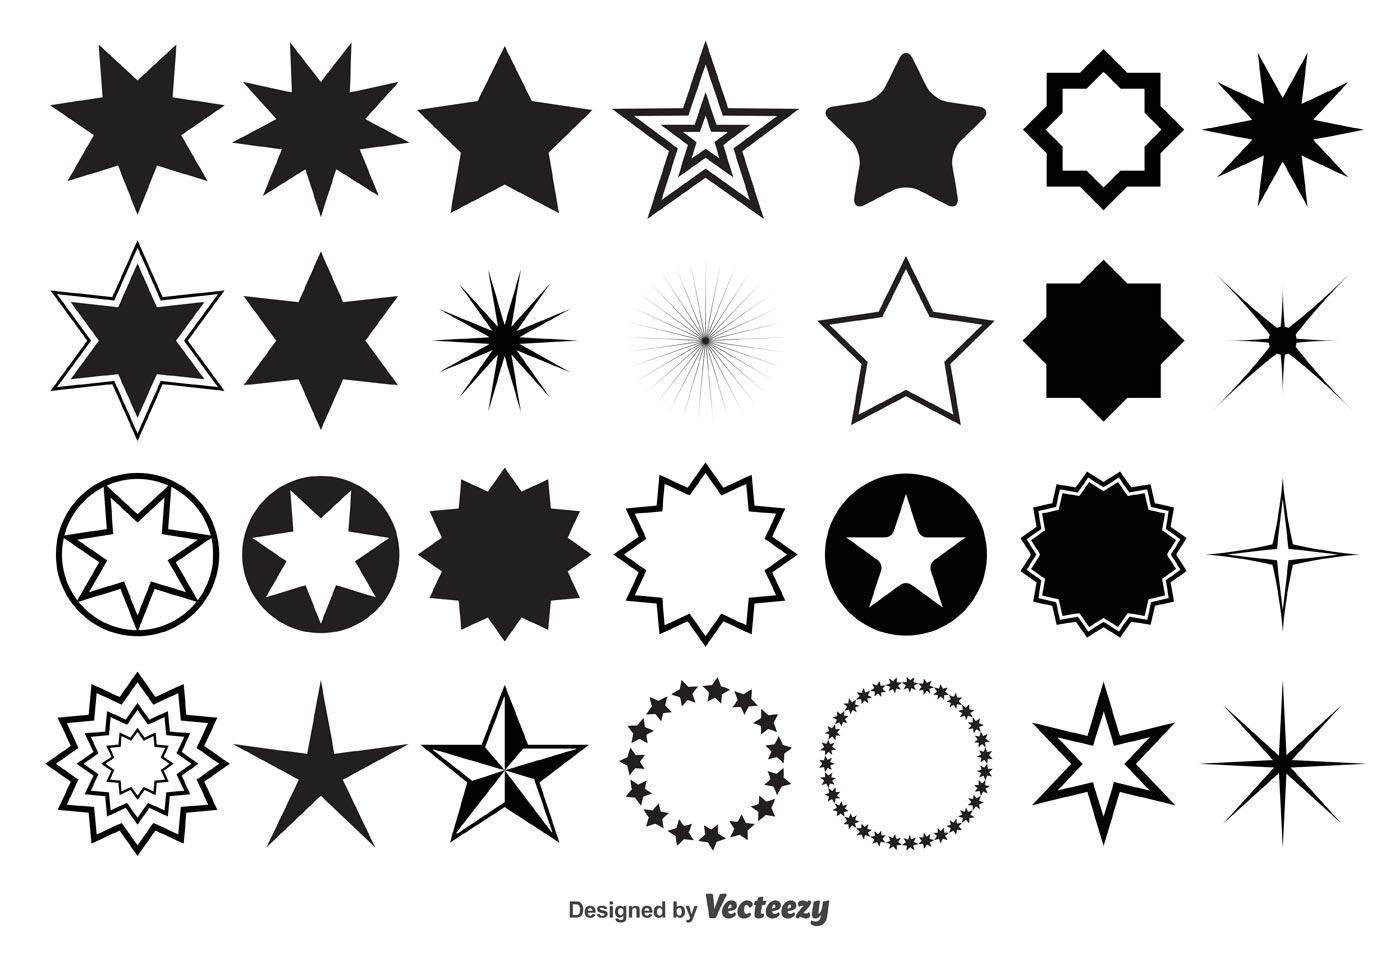 Download Free Vector Art, Stock